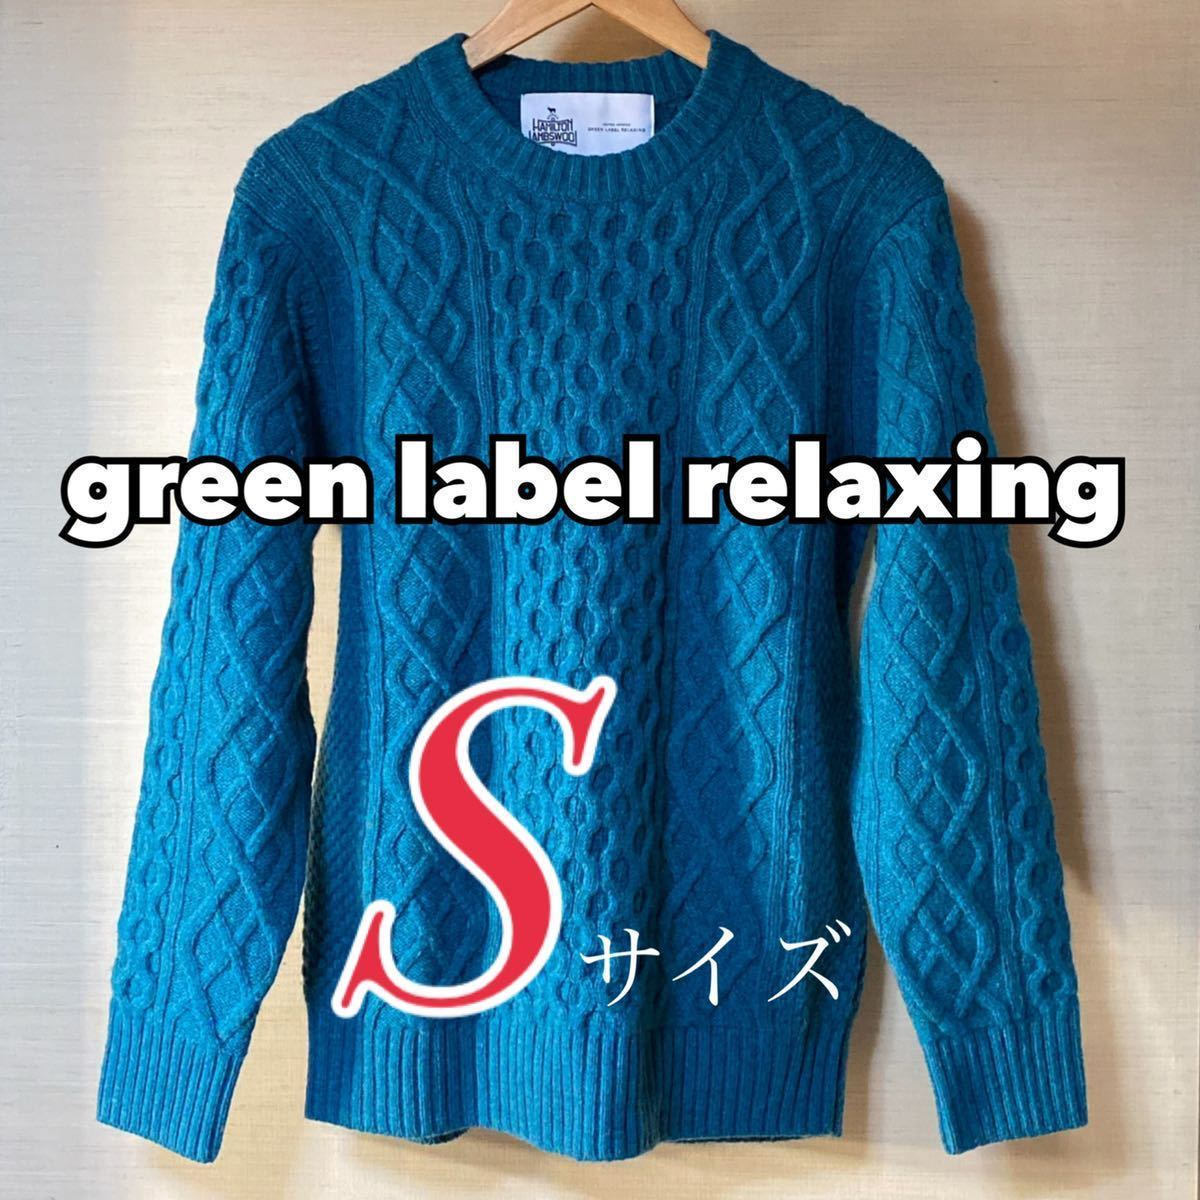 UNITED ARROWS ユナイテッドアローズ green label relaxing グリーンレーベルリラクシング ラムズウール クルーネック ニット Sサイズ